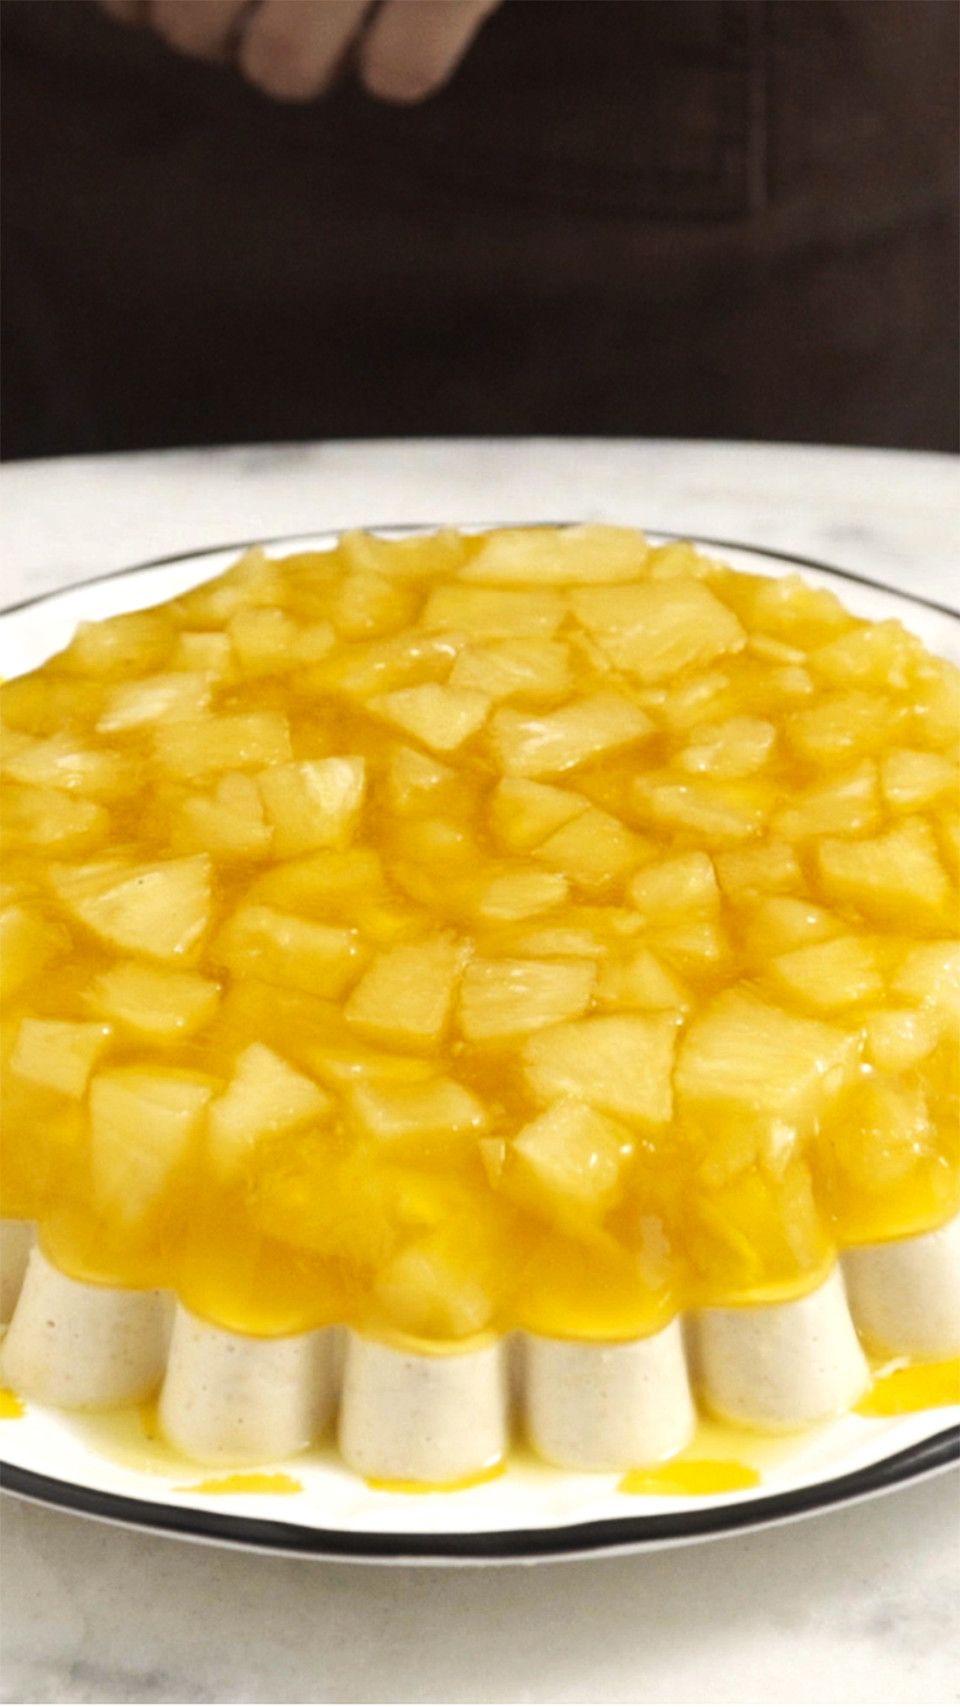 Doce De Abacaxi Receita Doce De Abacaxi Receitas Saborosas E